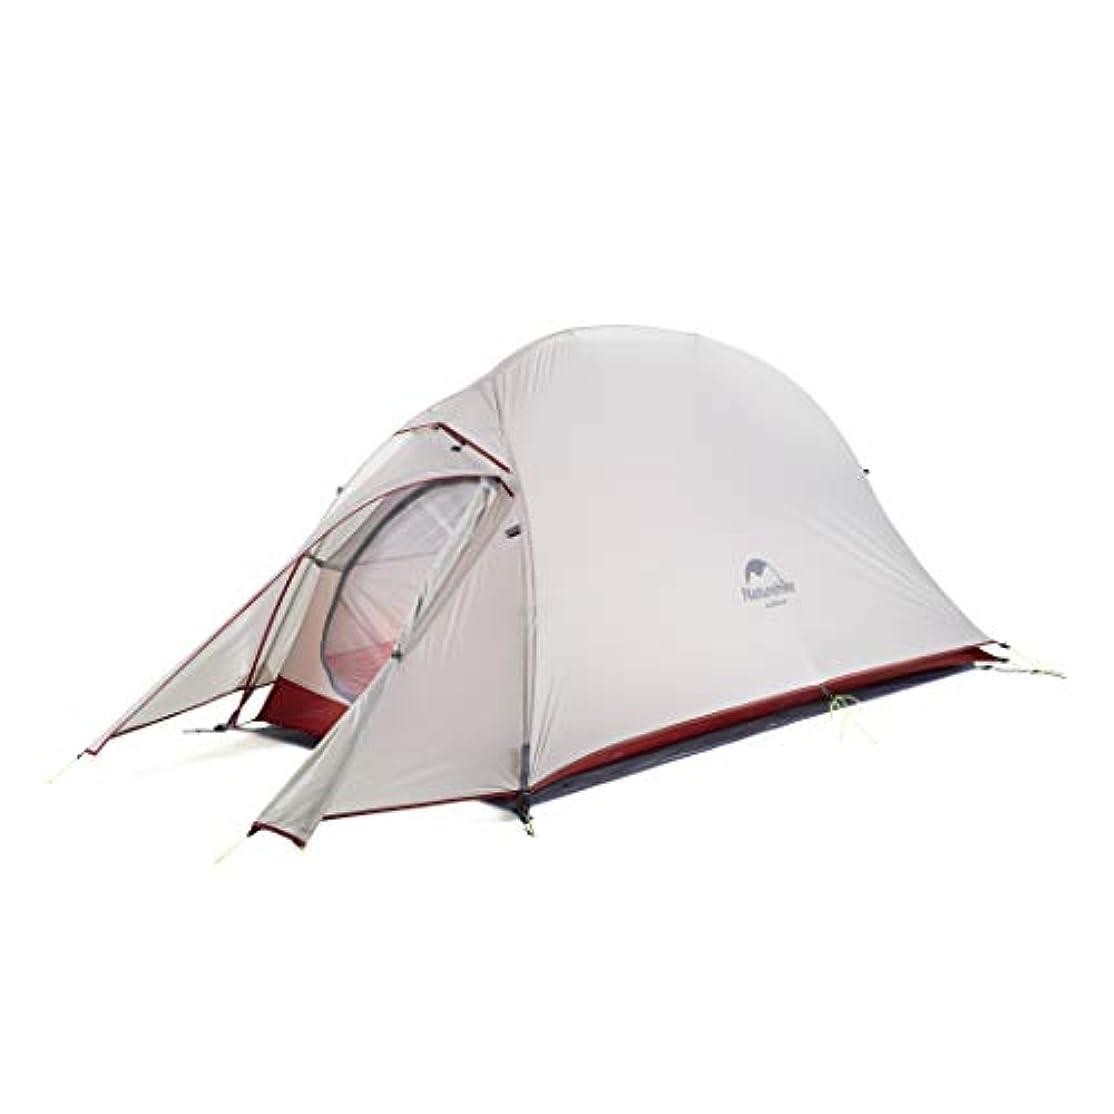 蛇行闇さわやかNaturehike公式ショップ テント 1人用 アウトドア 二重層 超軽量 4シーズン 防風防水 PU4000 キャンピング プロフェッショナルテント(専用グランドシート付)